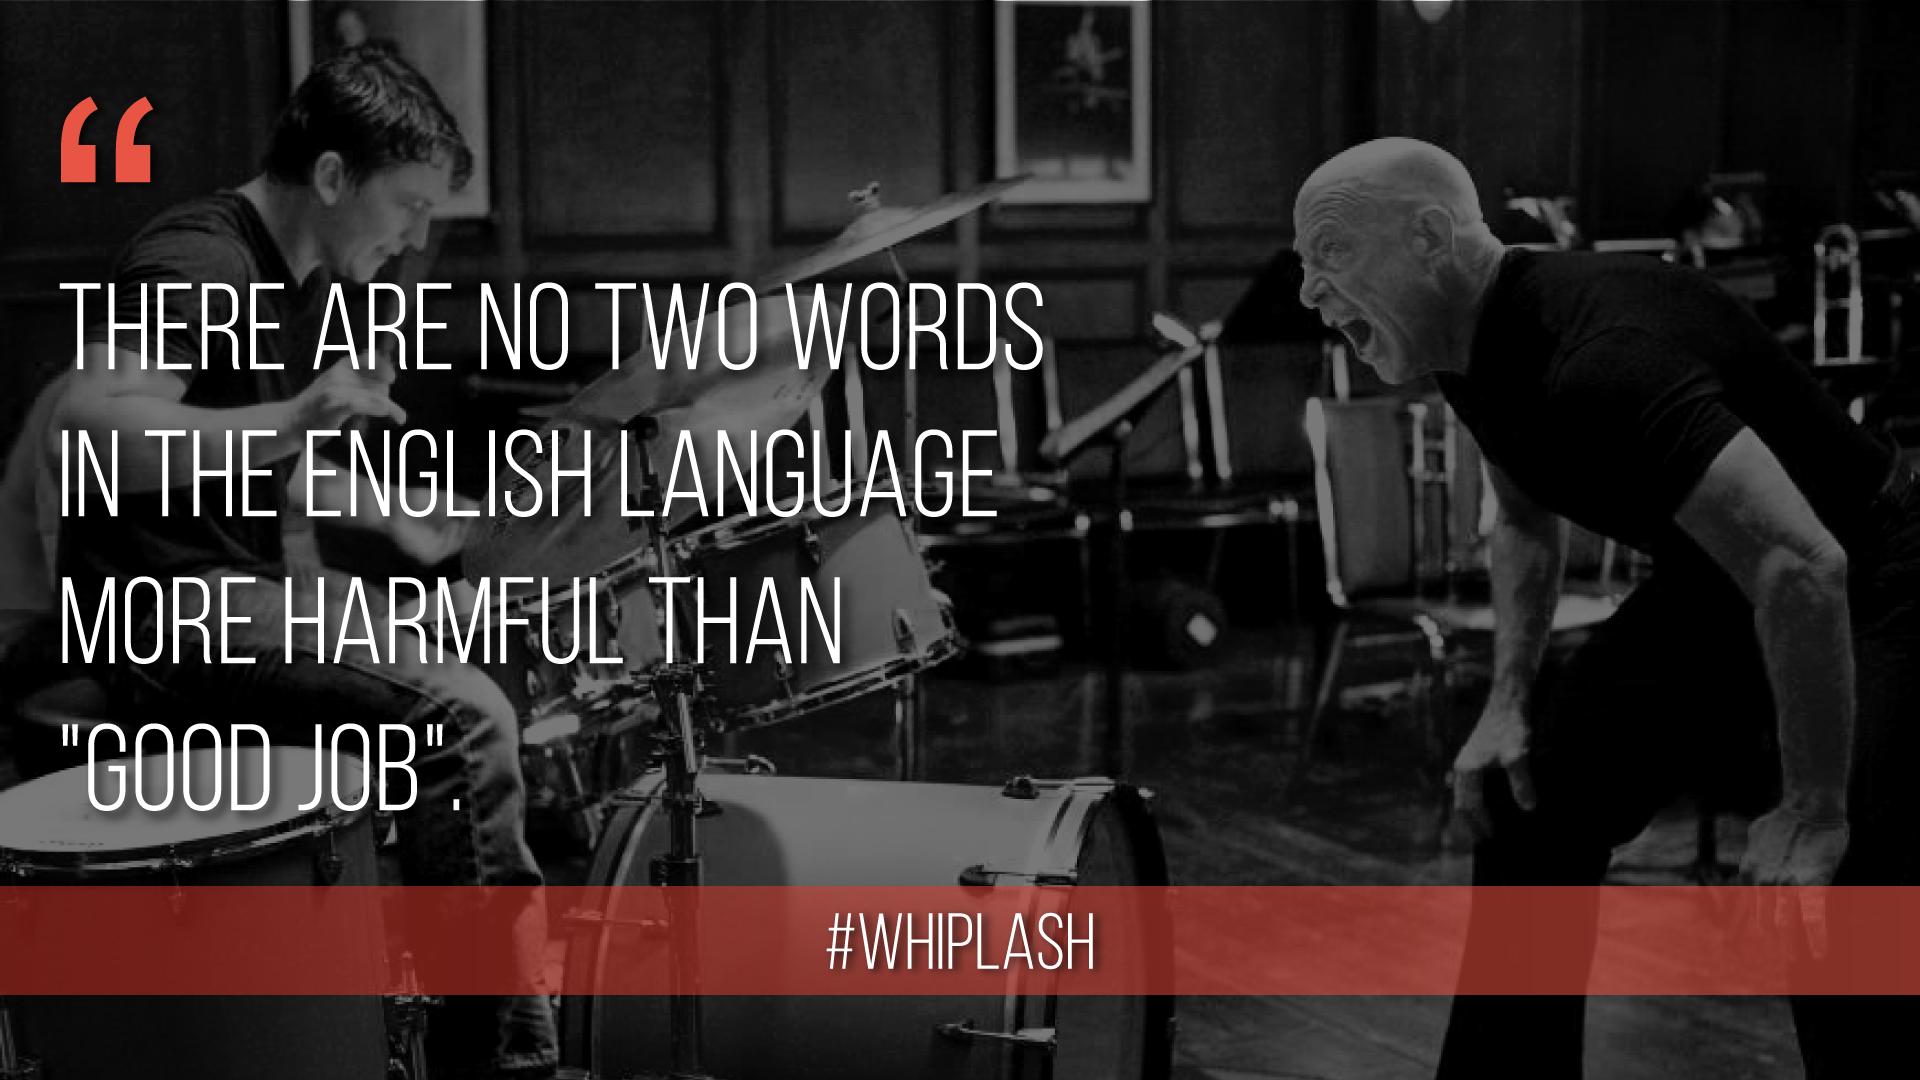 هیچ کلمه ای توی زبان، زیان بار تر از